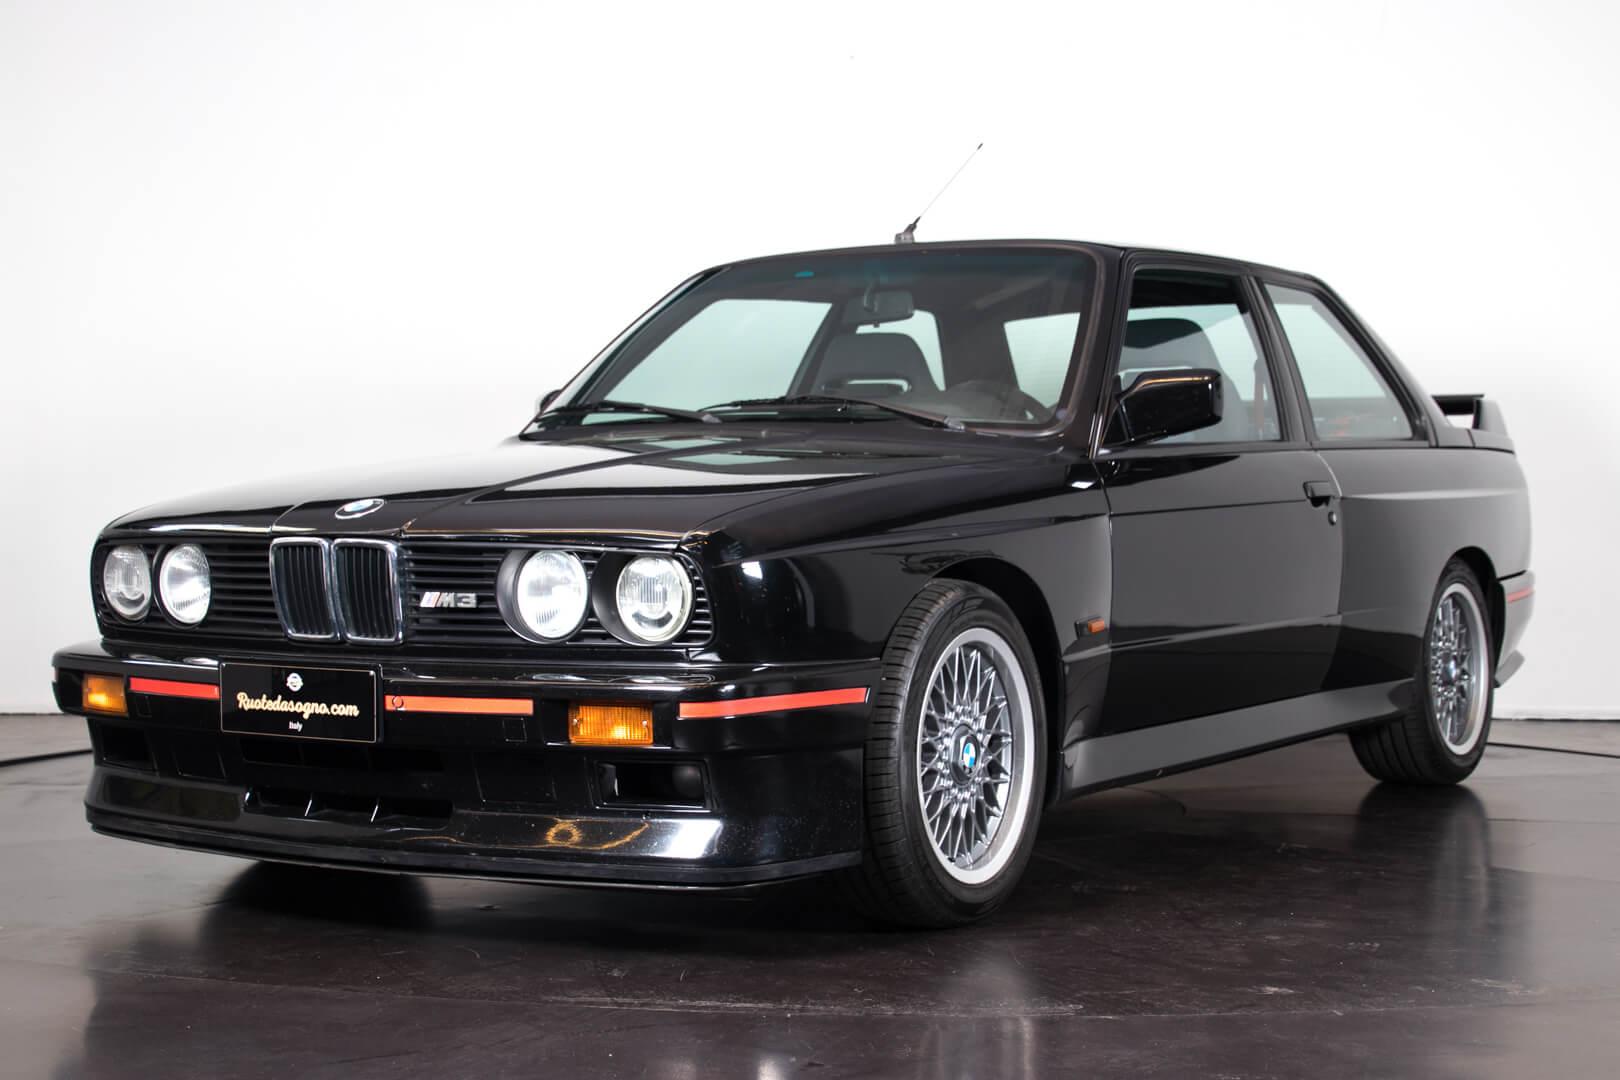 La BMW M3 devient une voiture de collection en 2020